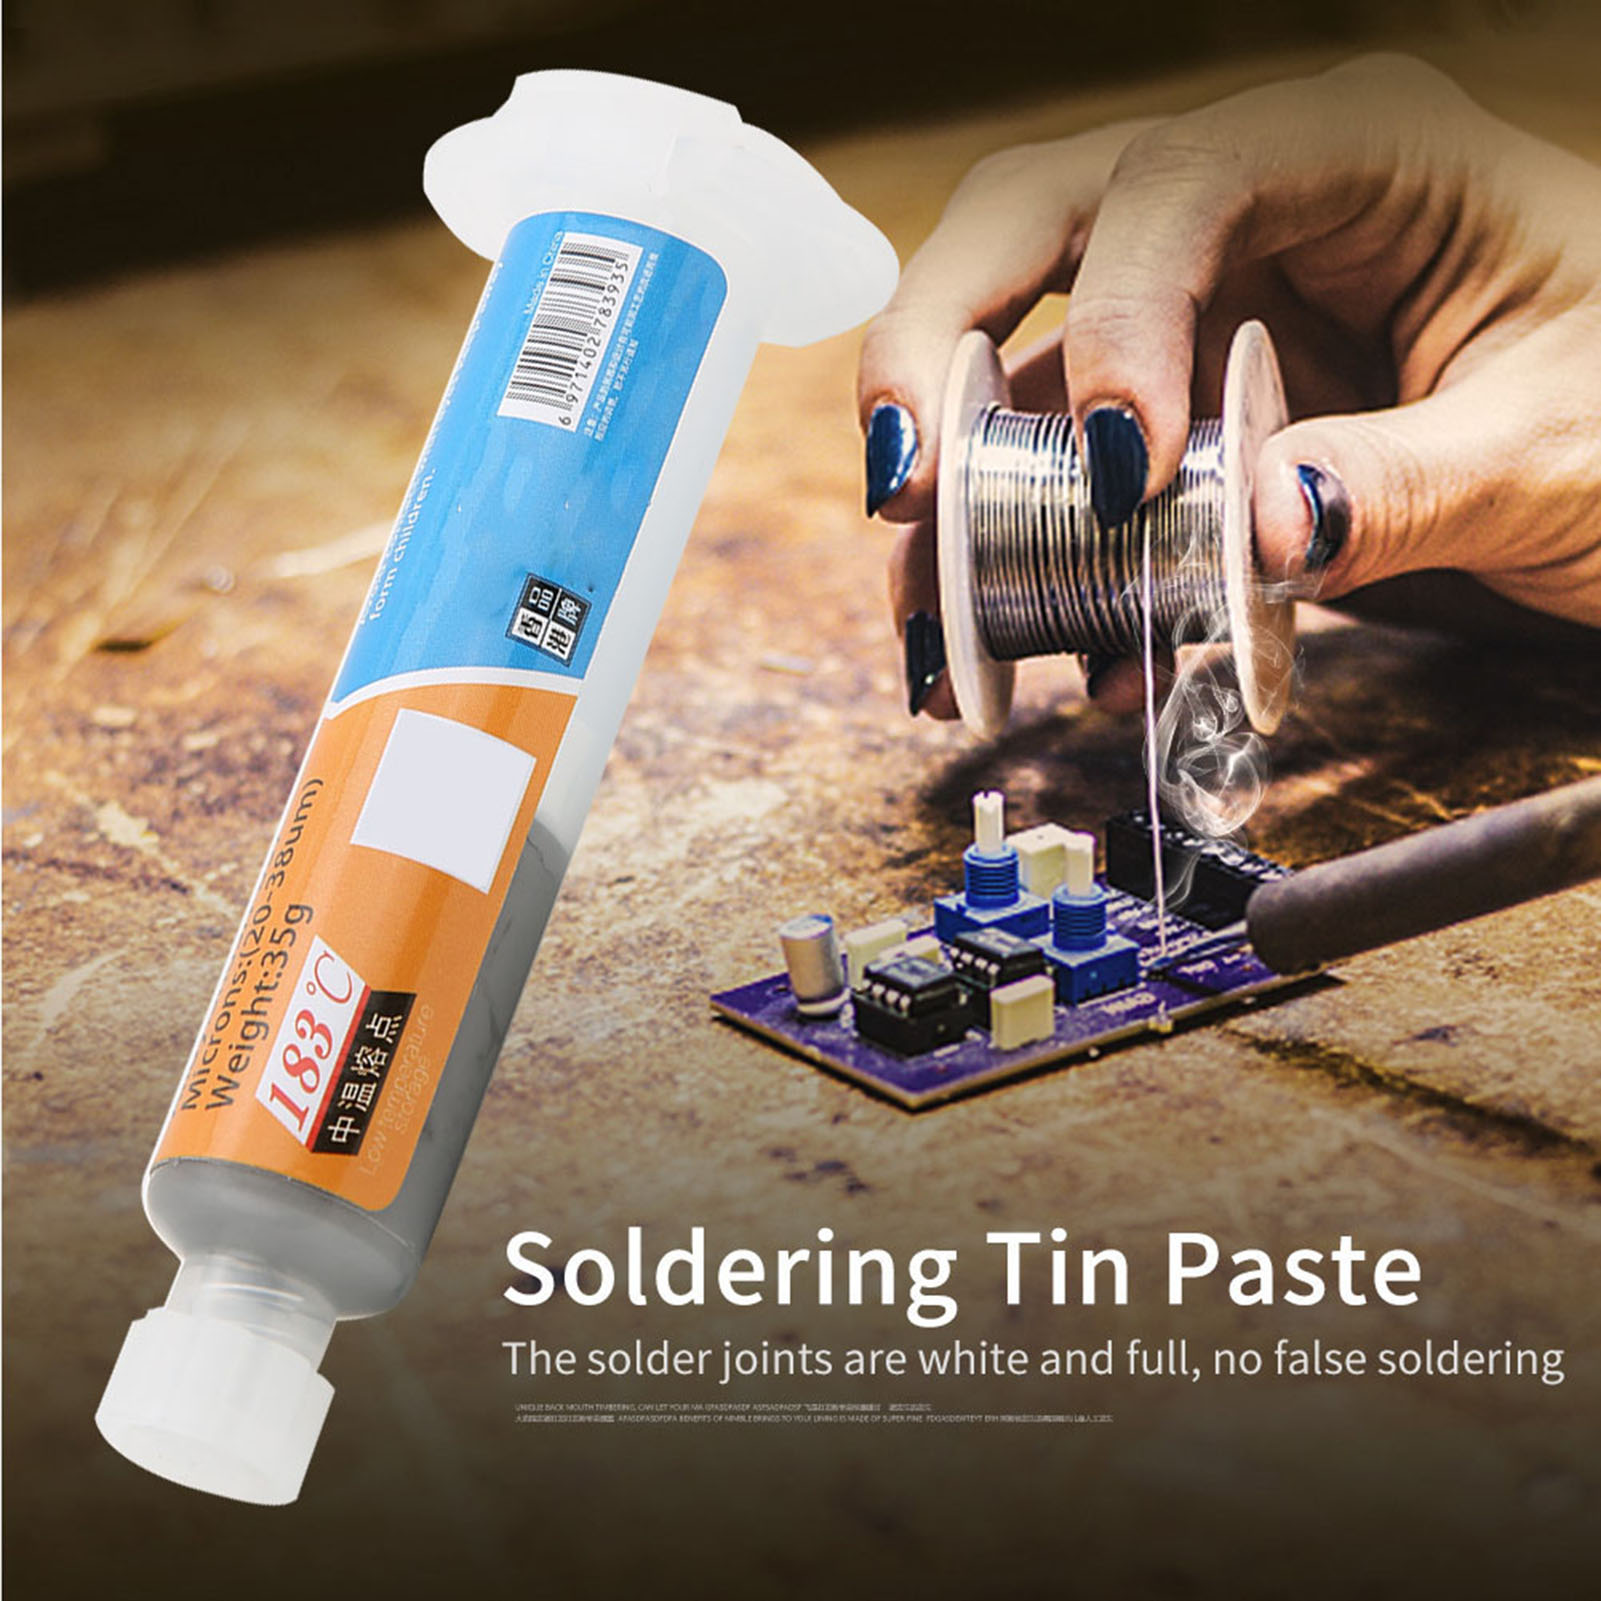 XG-Z40-10cc-Soldering-Tin-Paste-Cream-Soldering-Flux-Sn63-Pb37-25-45um-HighQ